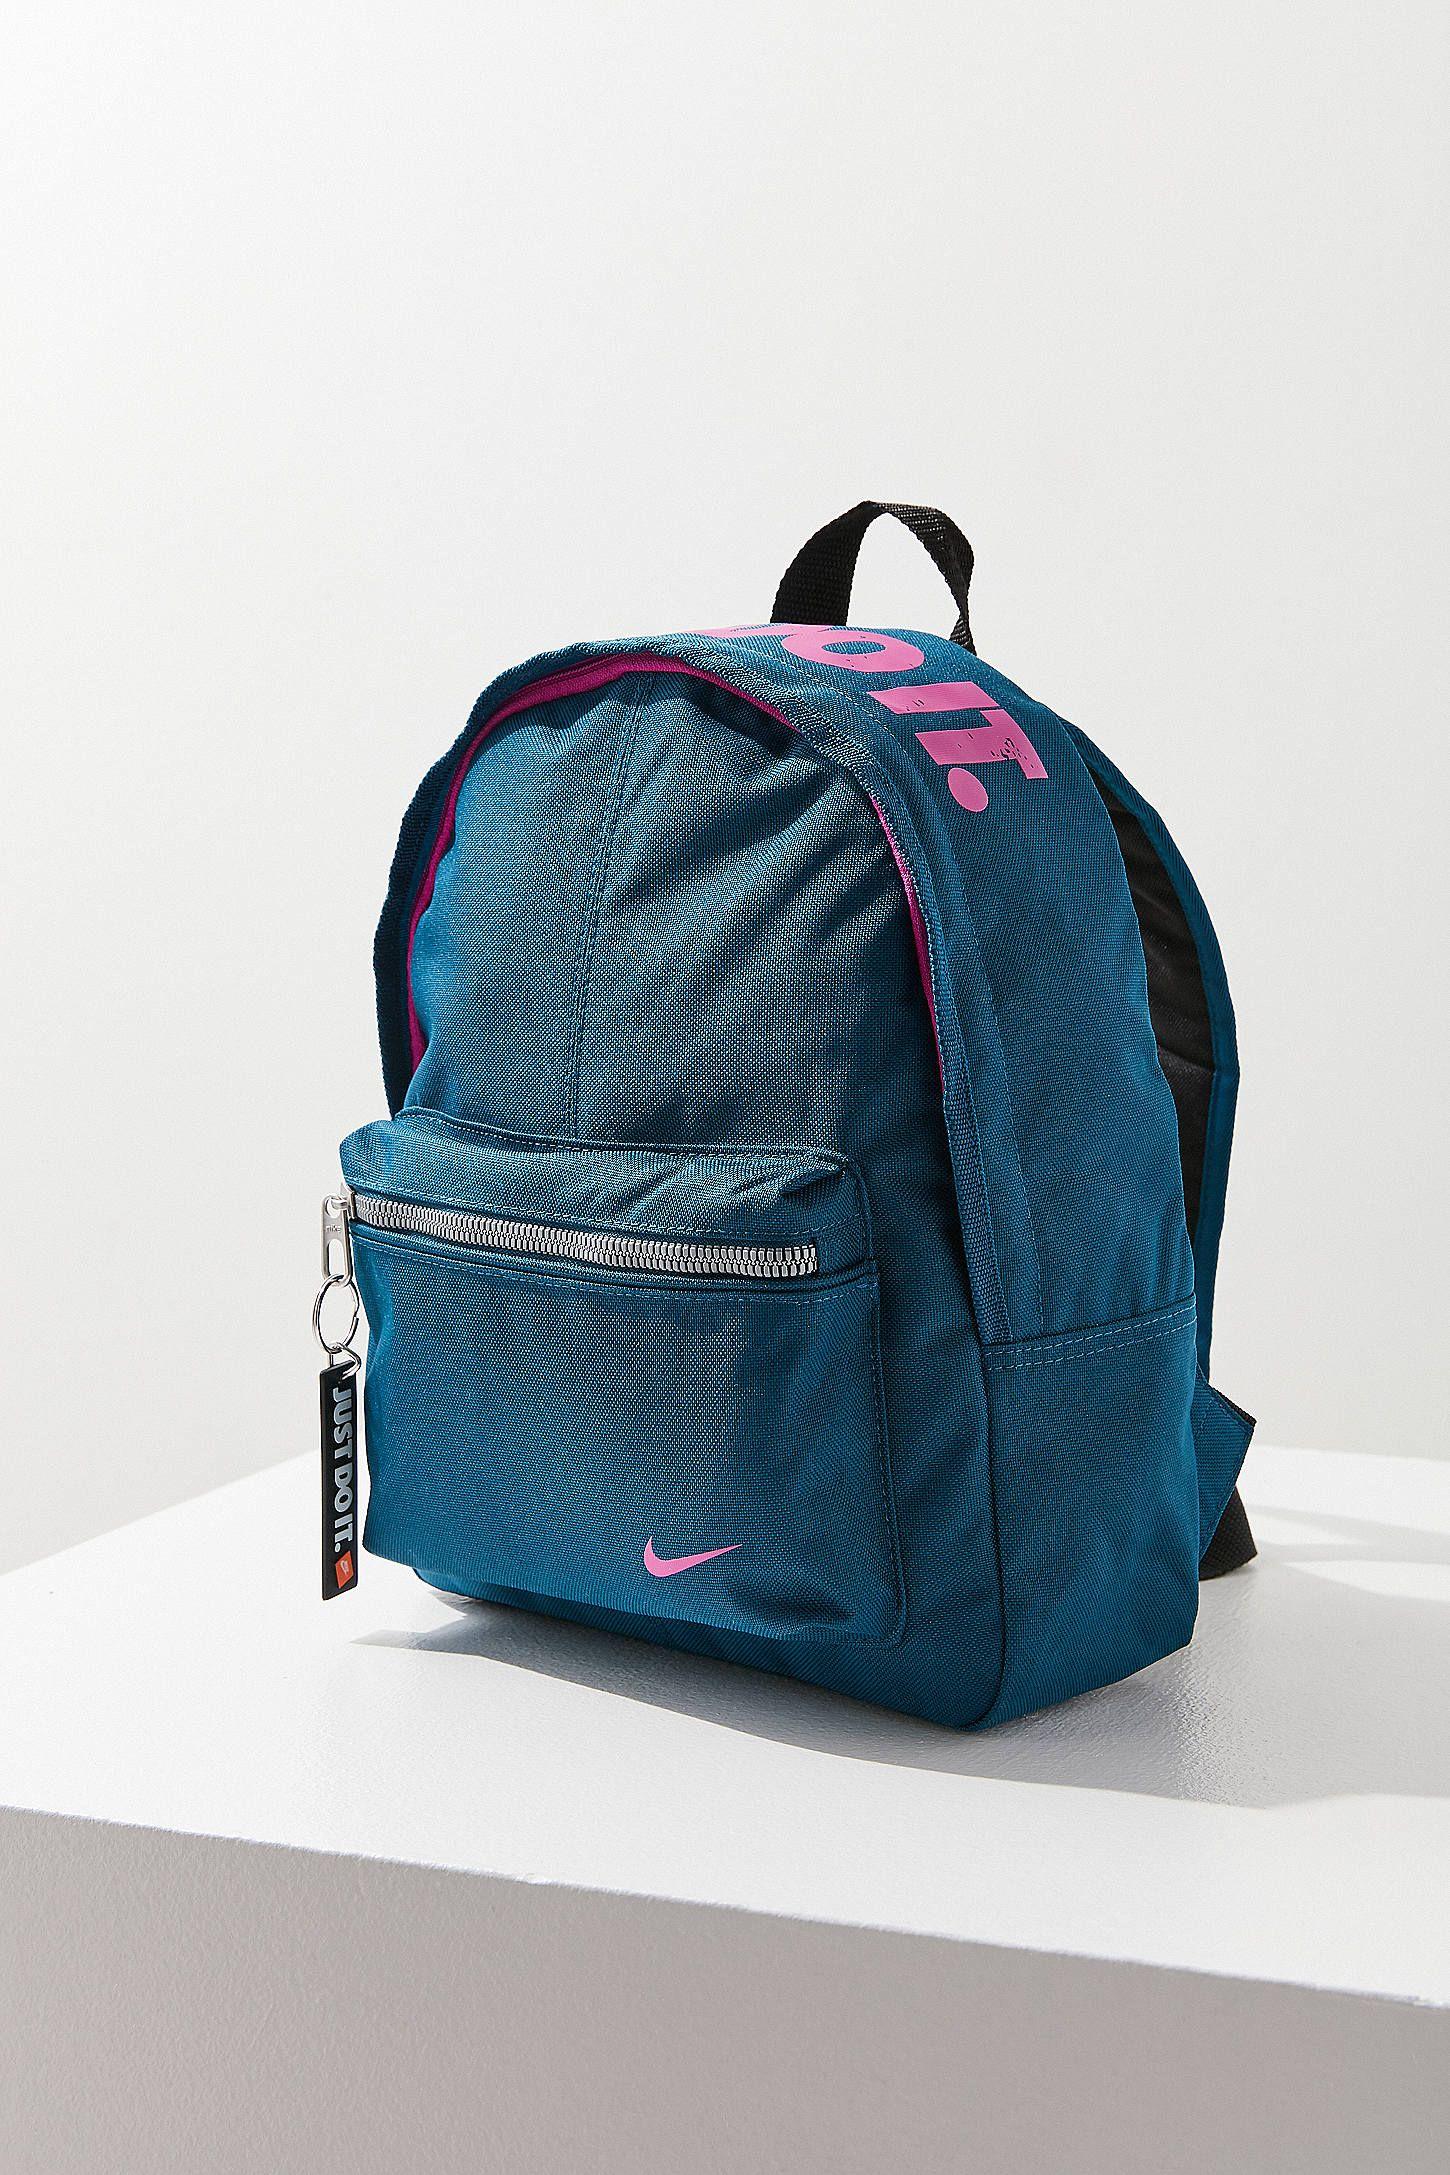 afcd0c16fc6 Nike Classic Backpack in 2018   Bags   Pinterest   Backpacks, Nike ...